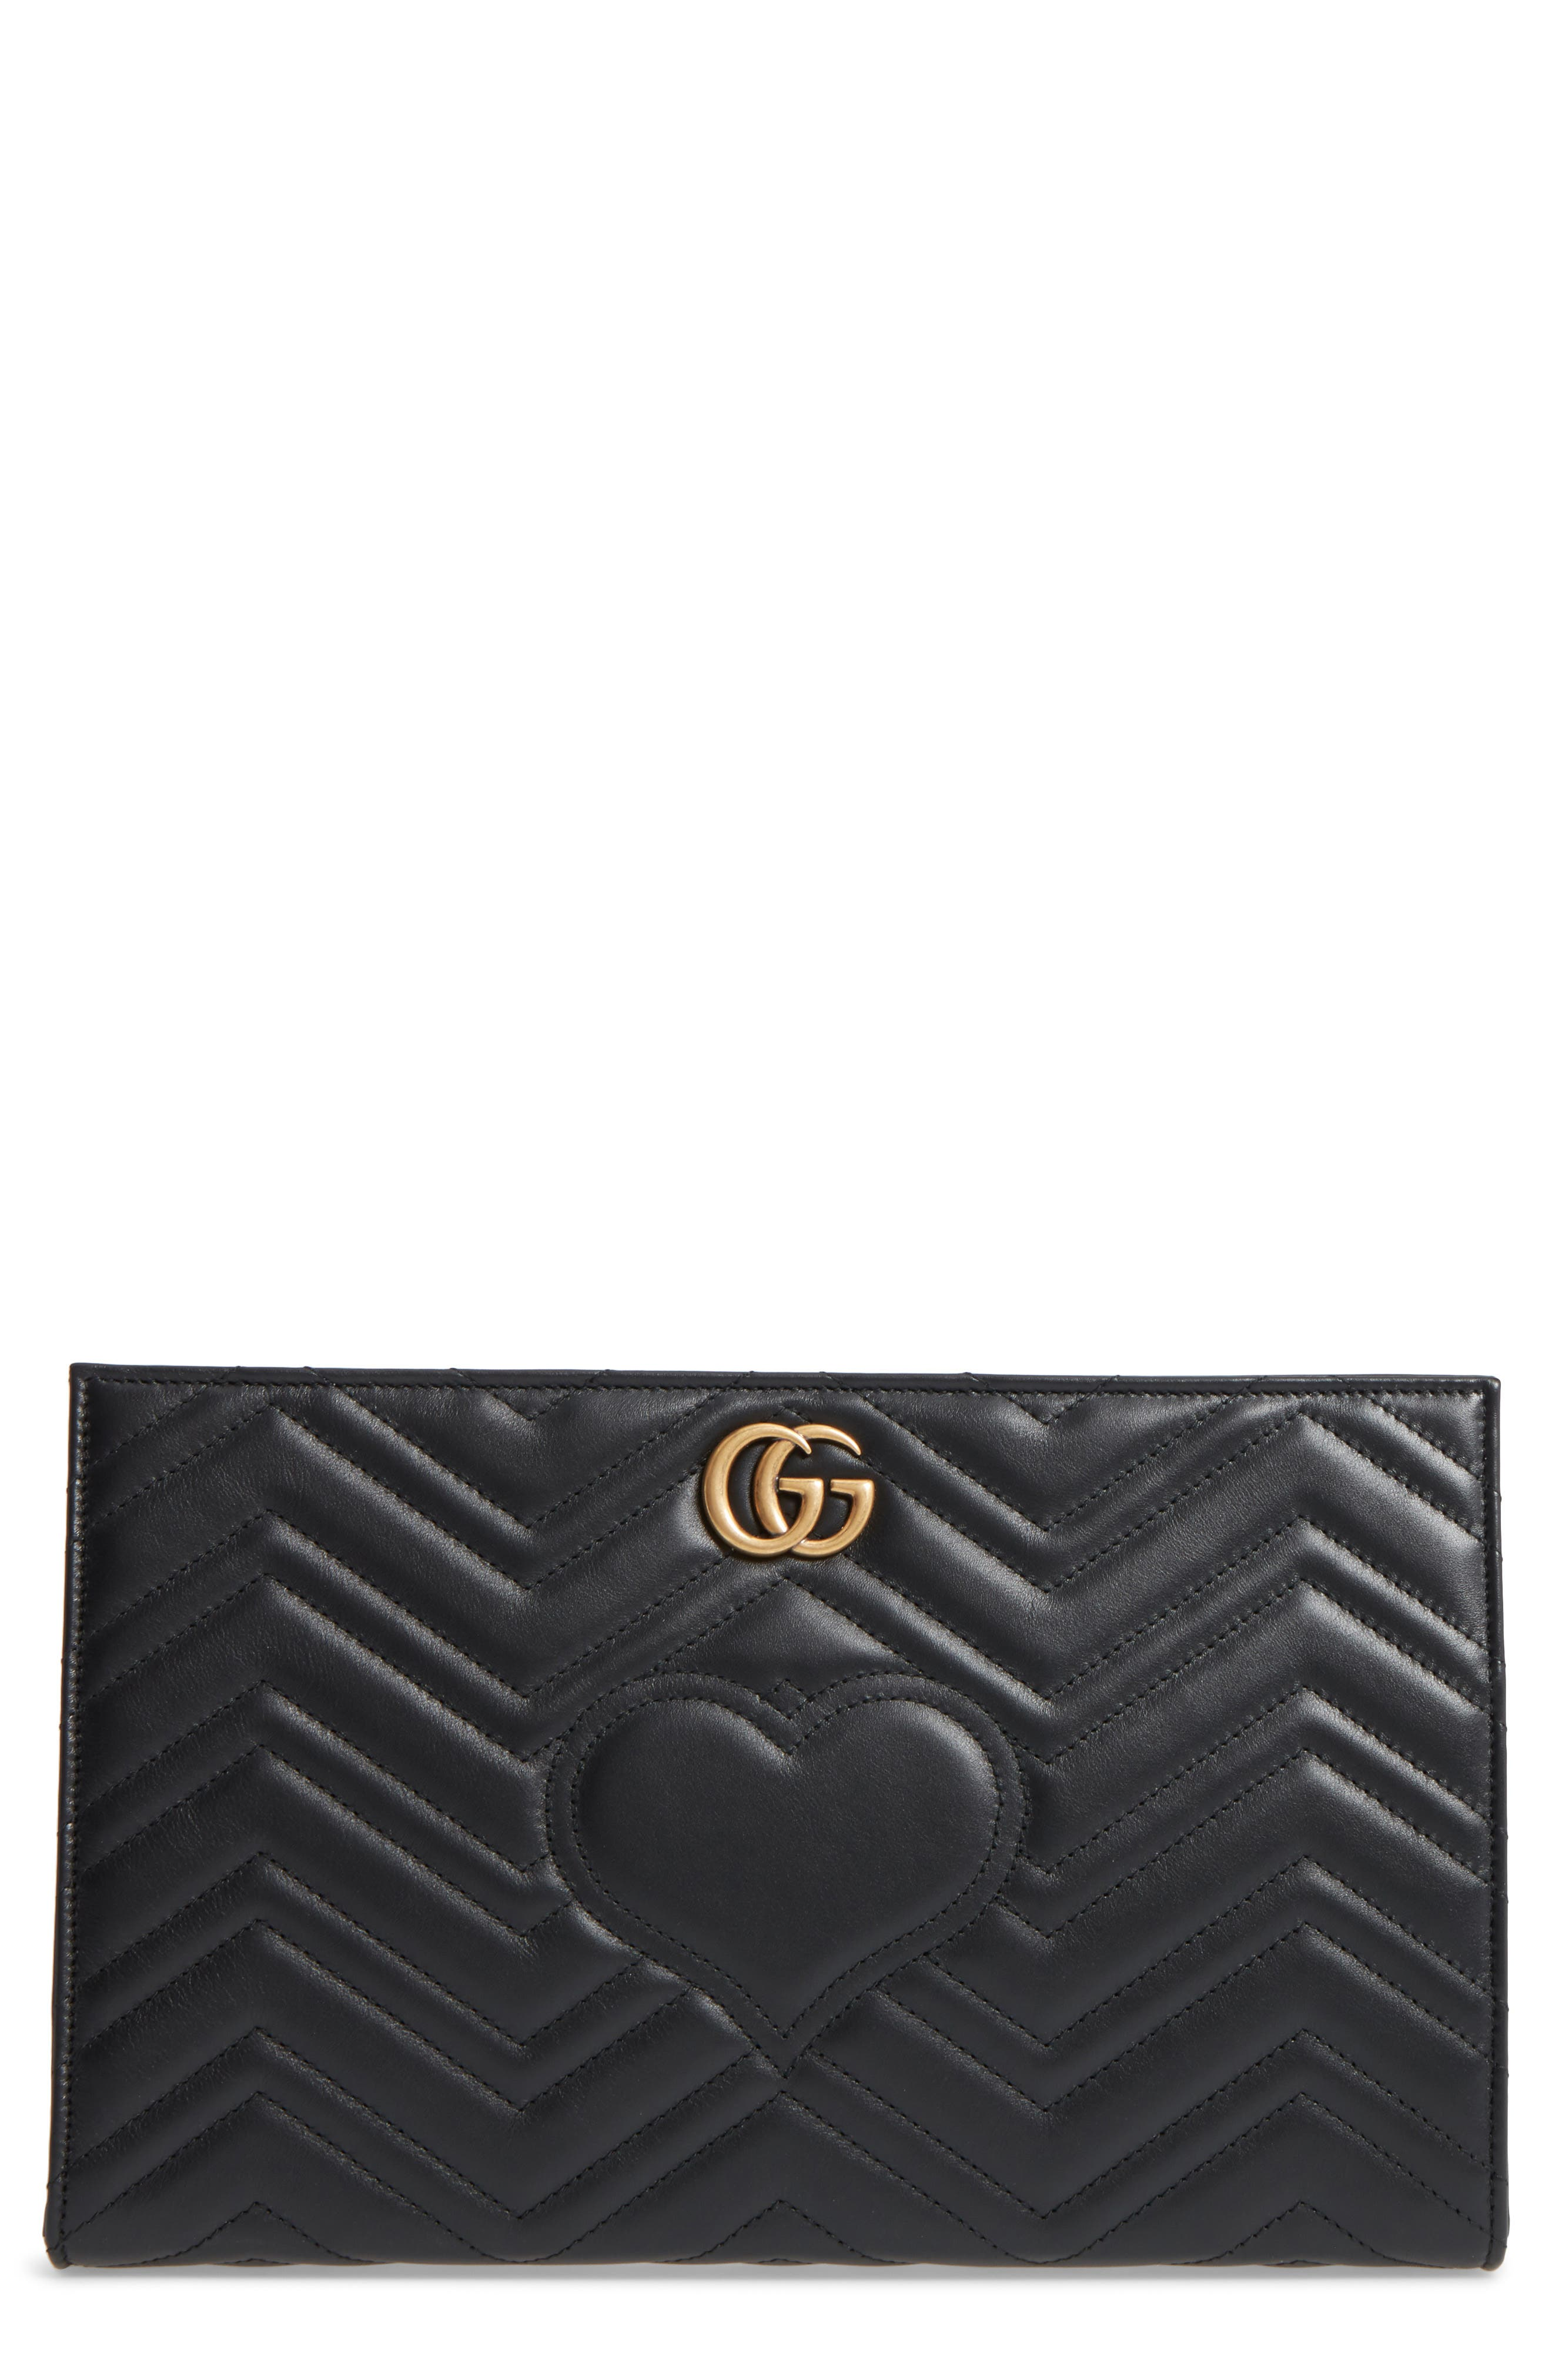 GG Marmont Matelassé Leather Clutch,                             Main thumbnail 1, color,                             Nero